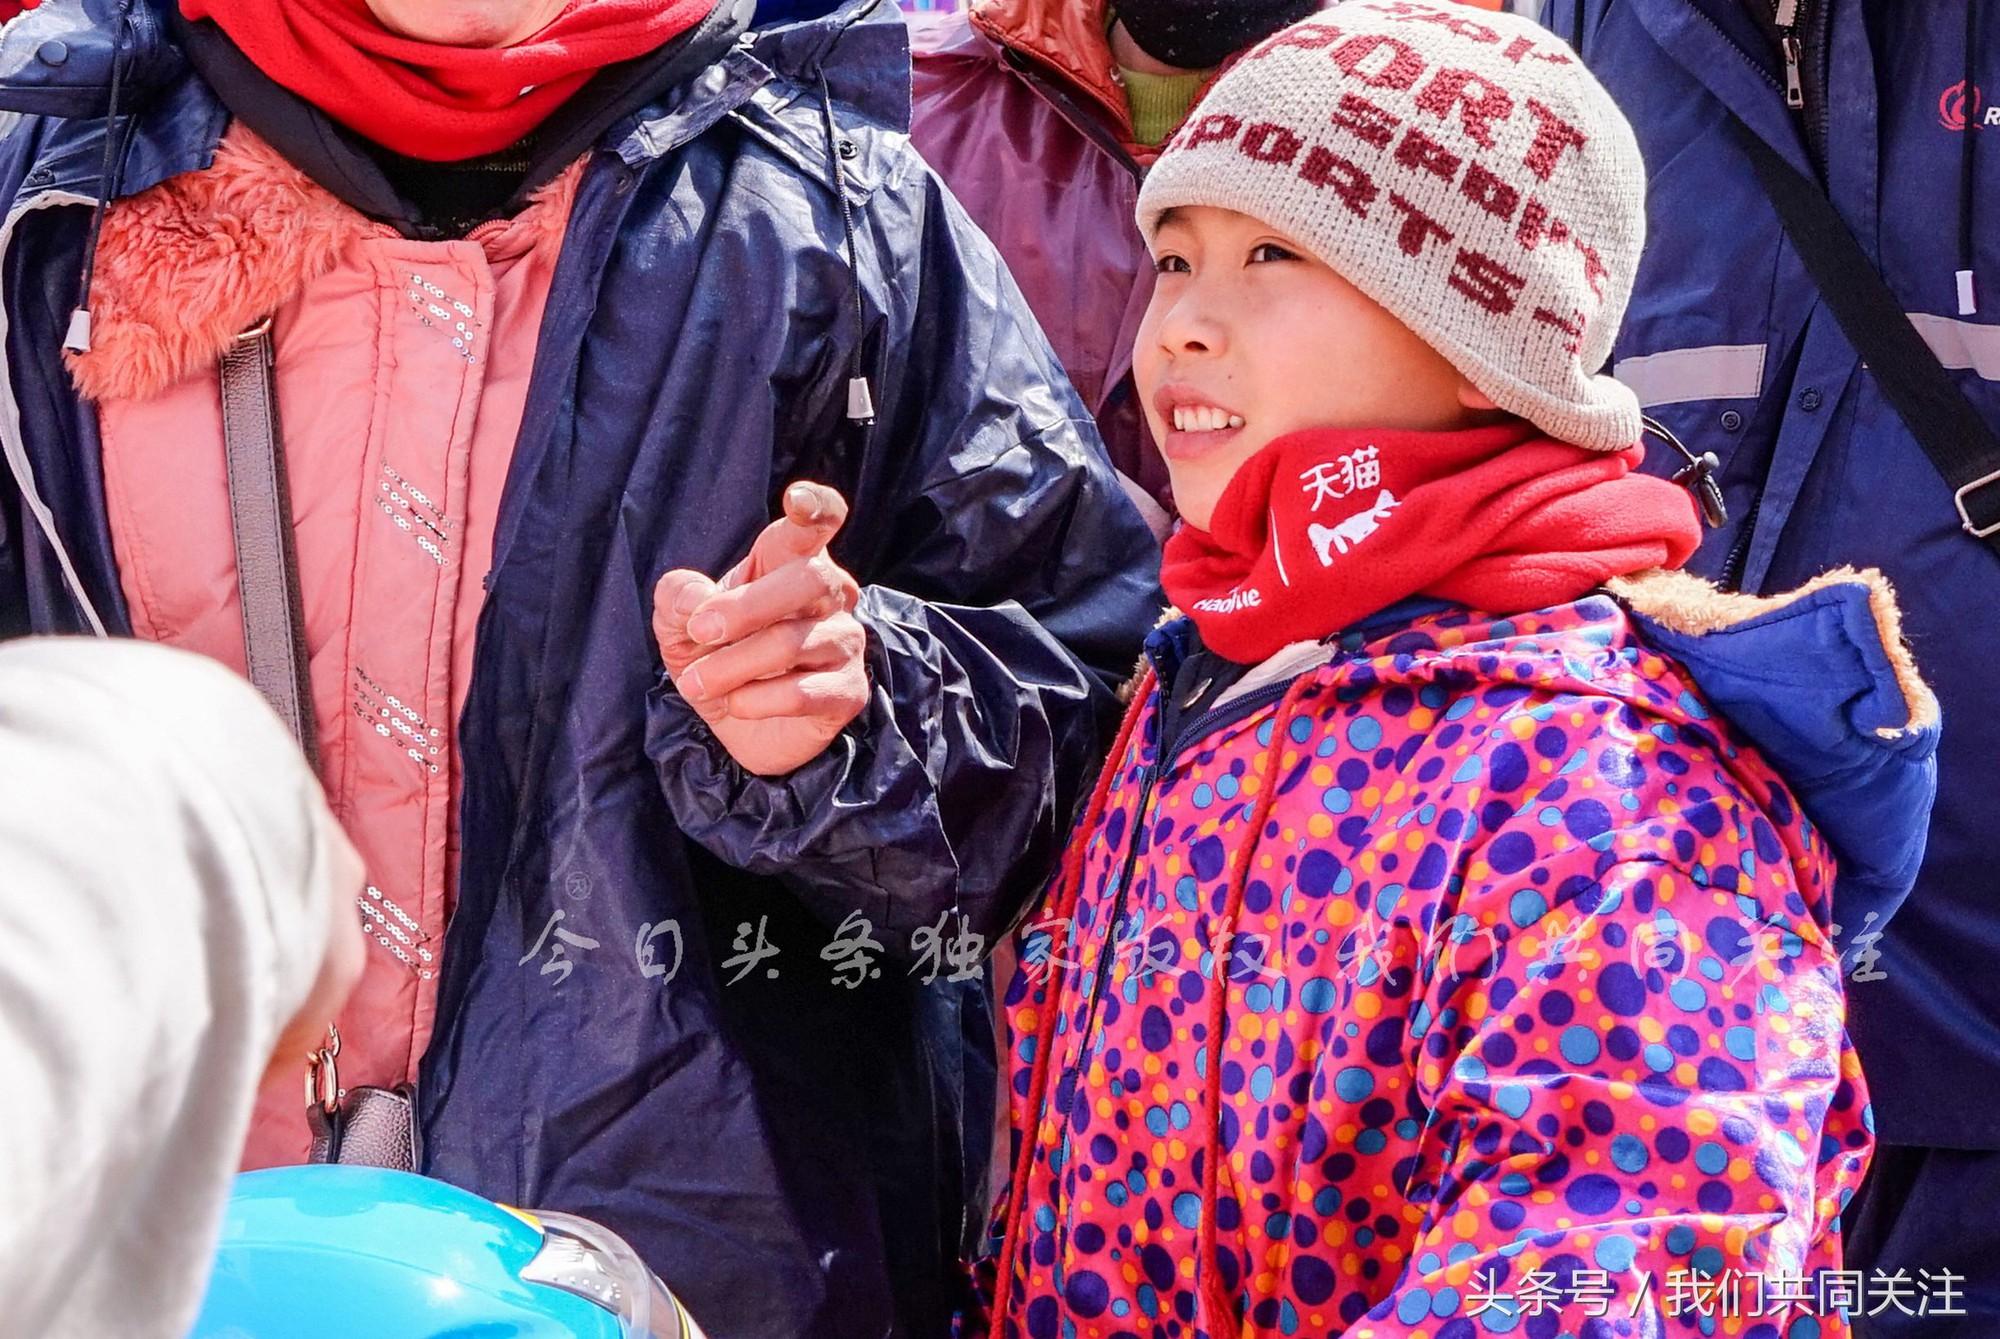 Ngán ngẩm cảnh đông đúc tại nhà xe bến tàu, hàng chục nghìn người Trung Quốc phượt trăm km về quê ăn Tết - Ảnh 10.